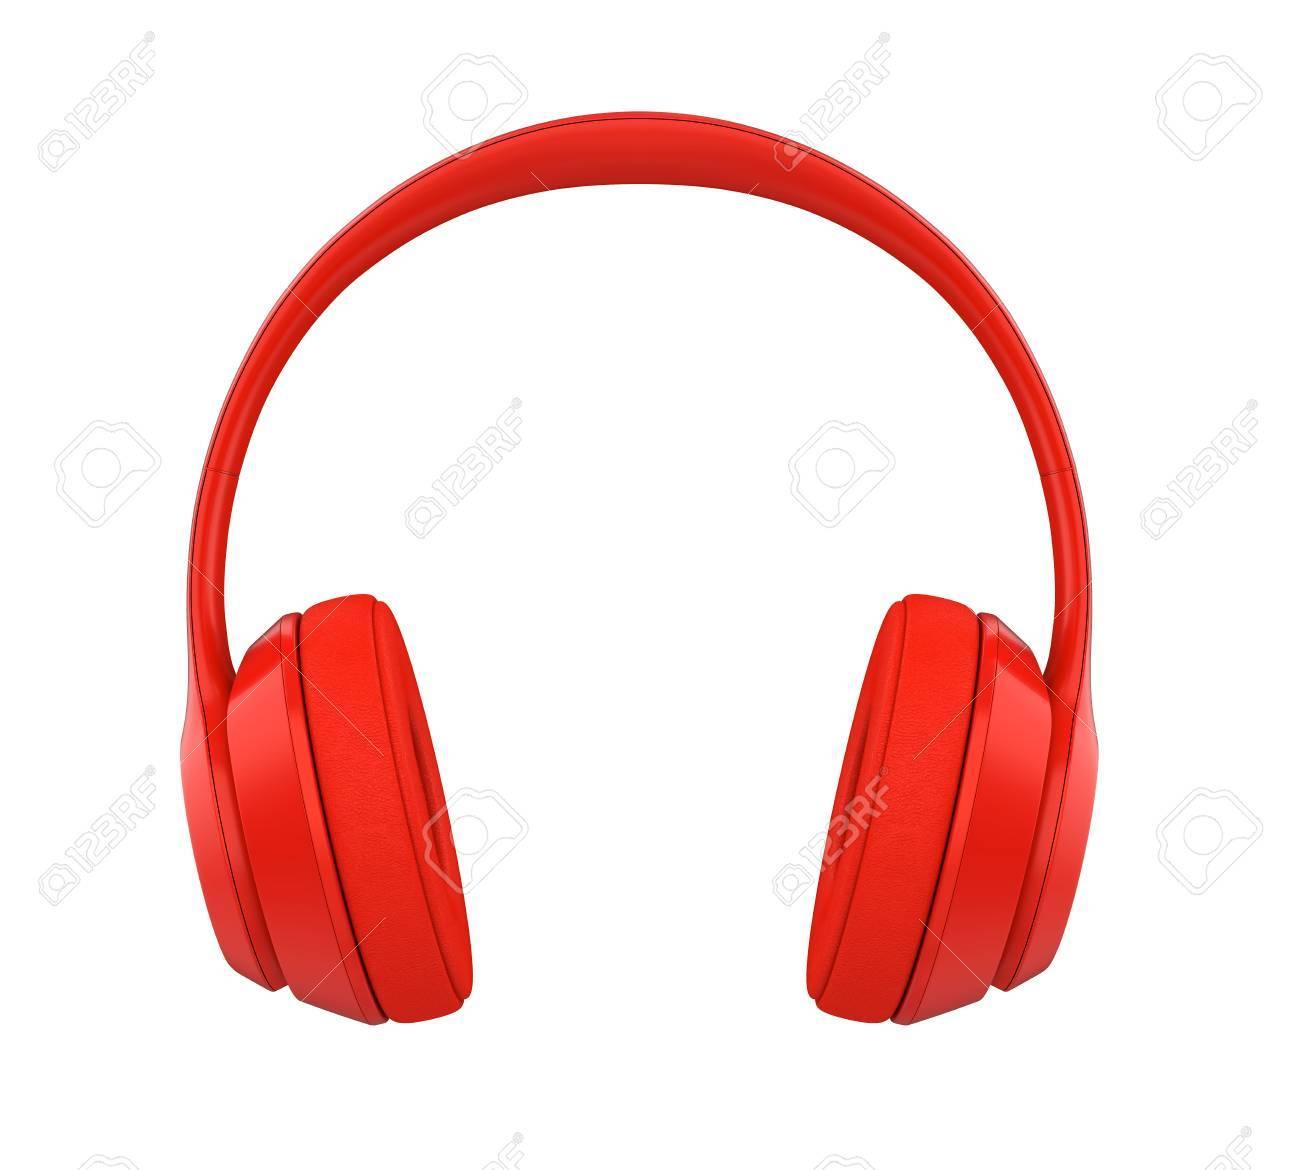 Headphones Isolated - 84136661